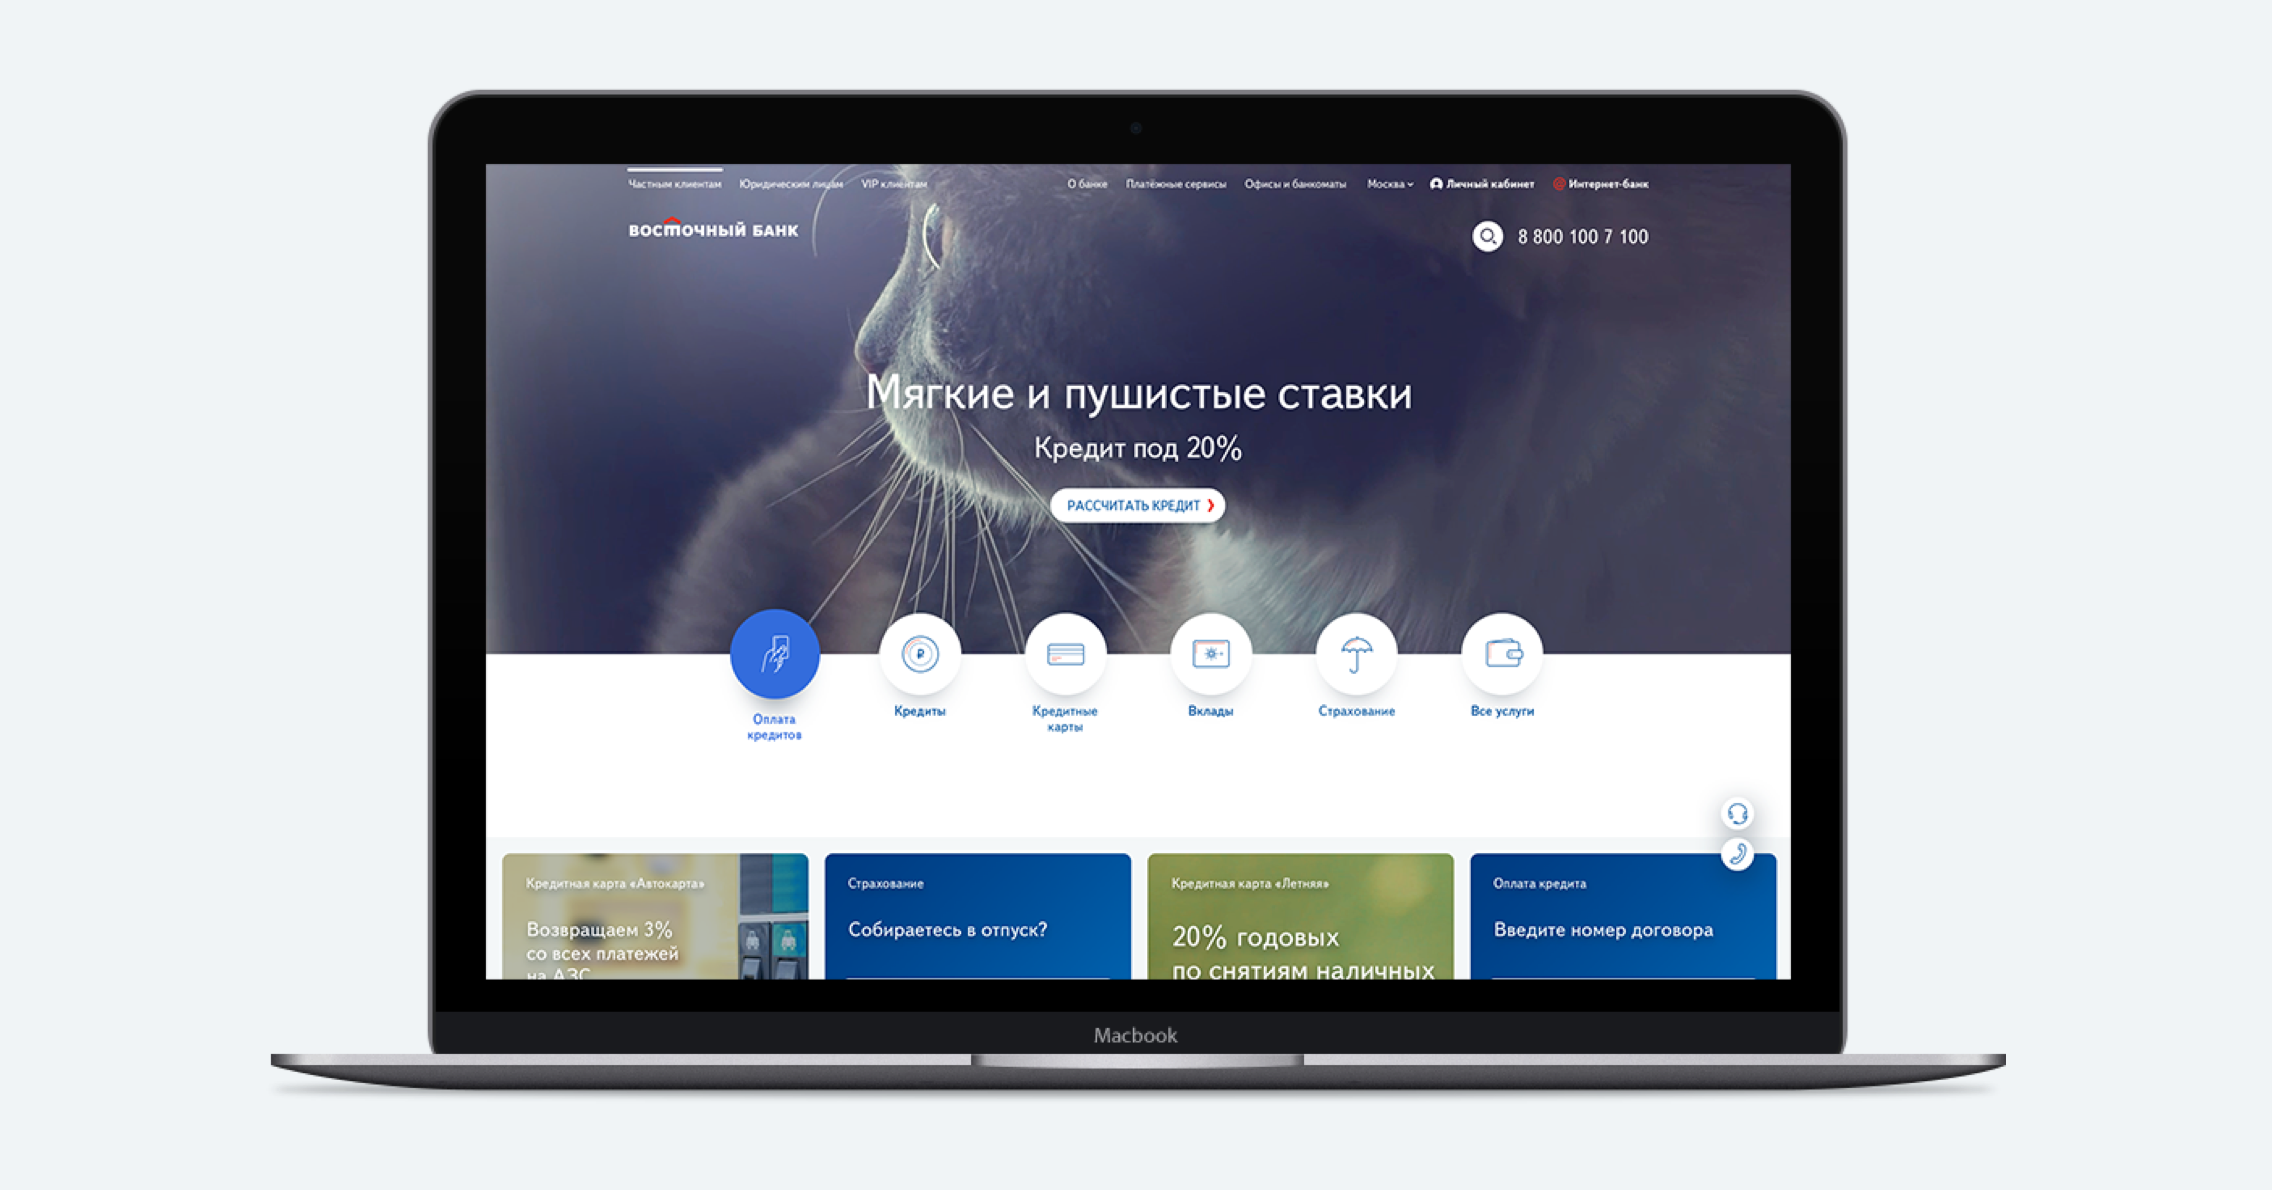 кредит большой комфорт восточный банк гетт такси заказать онлайн новосибирск